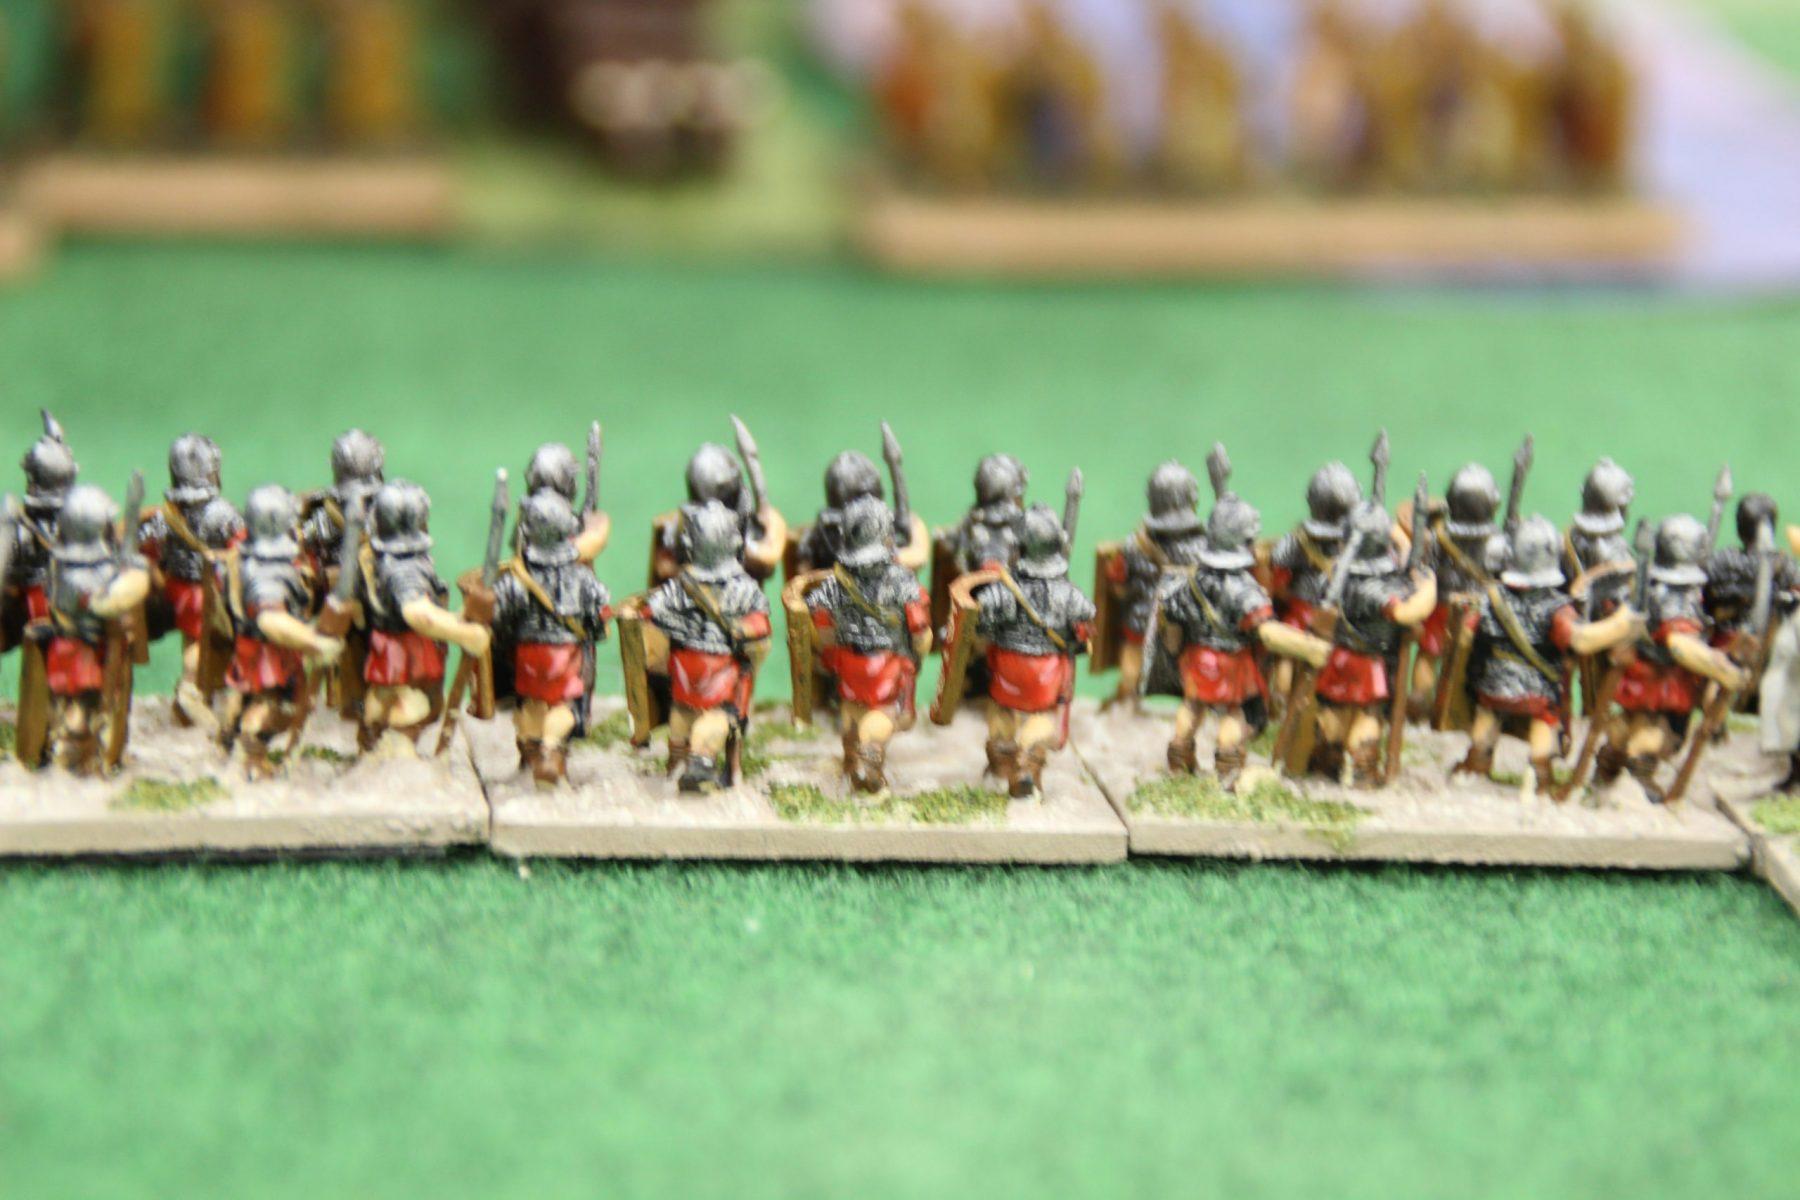 Lé légion haut empire se rapproche dangereusement des positions indiennes...